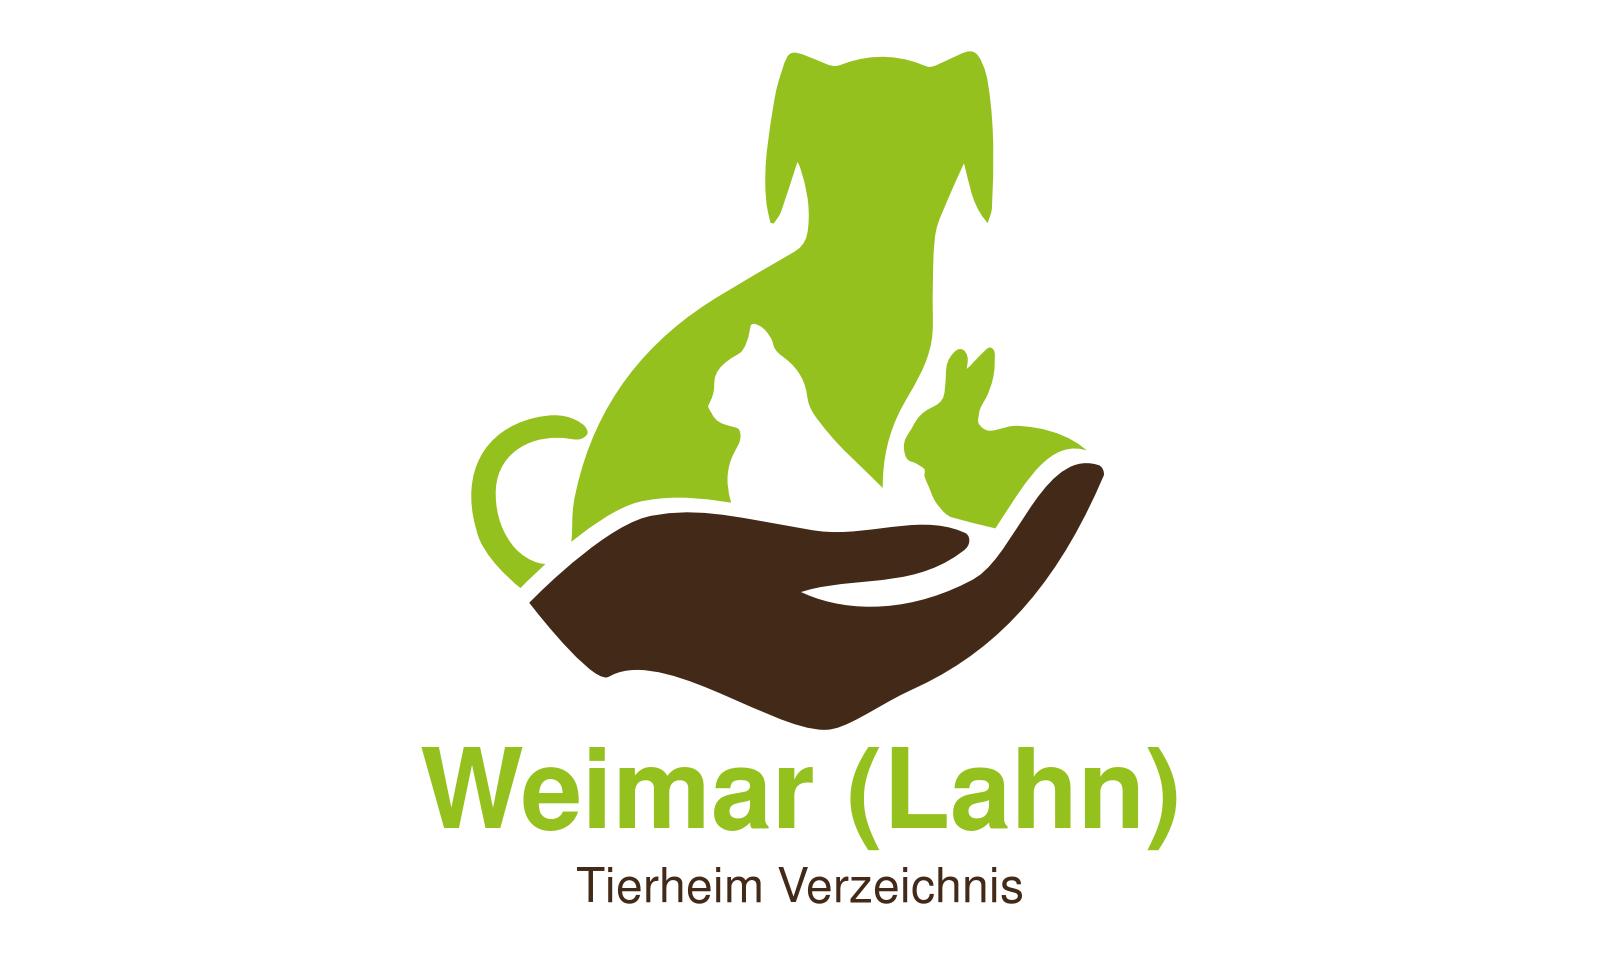 Tierheim Weimar (Lahn)